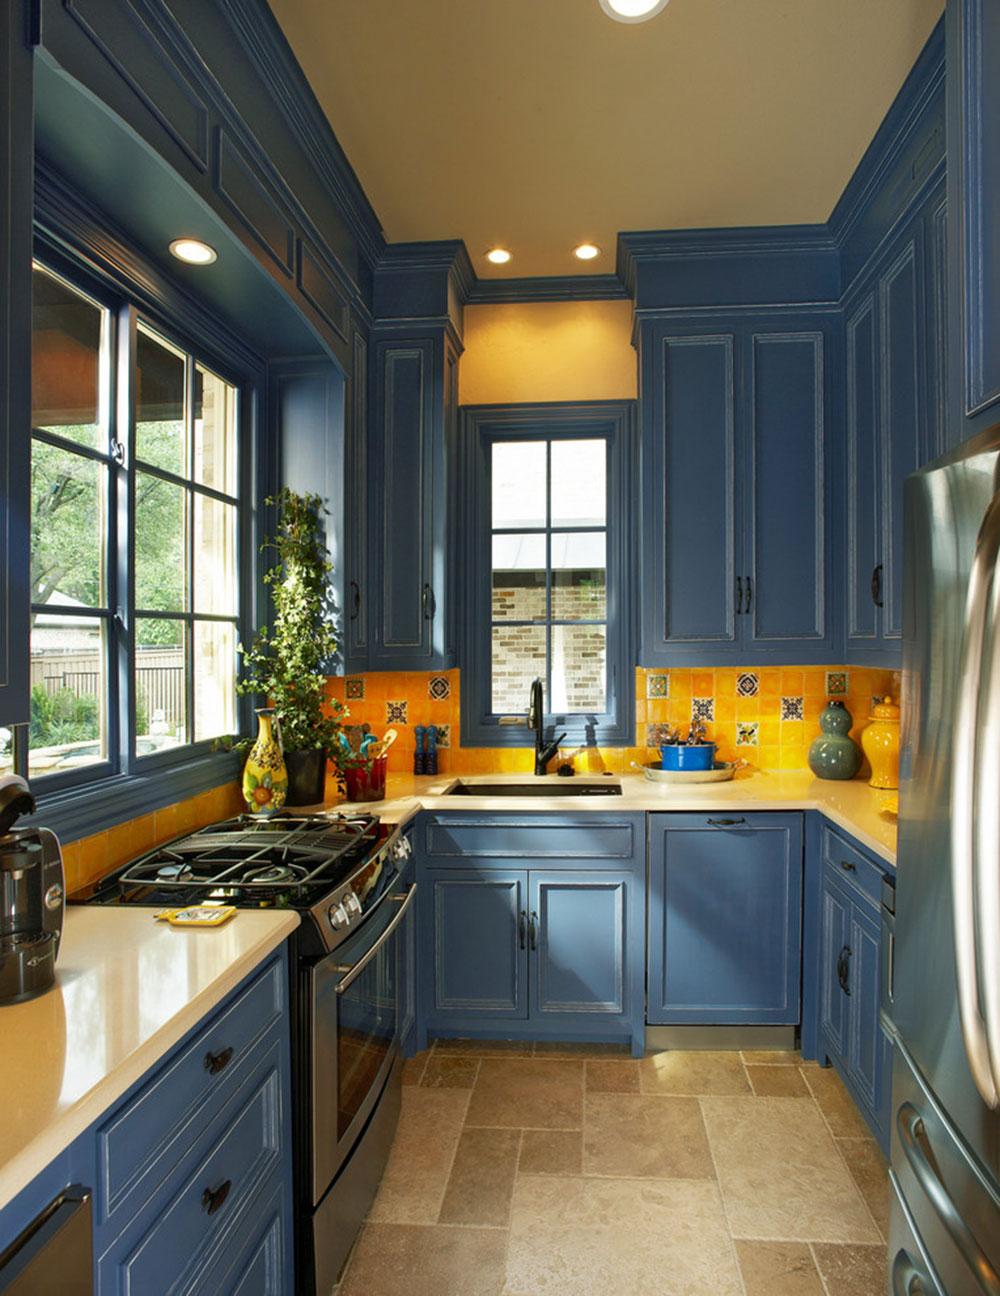 Att designa med varma och svala färger är annorlunda6 Att designa med varma och svala färger är annorlunda